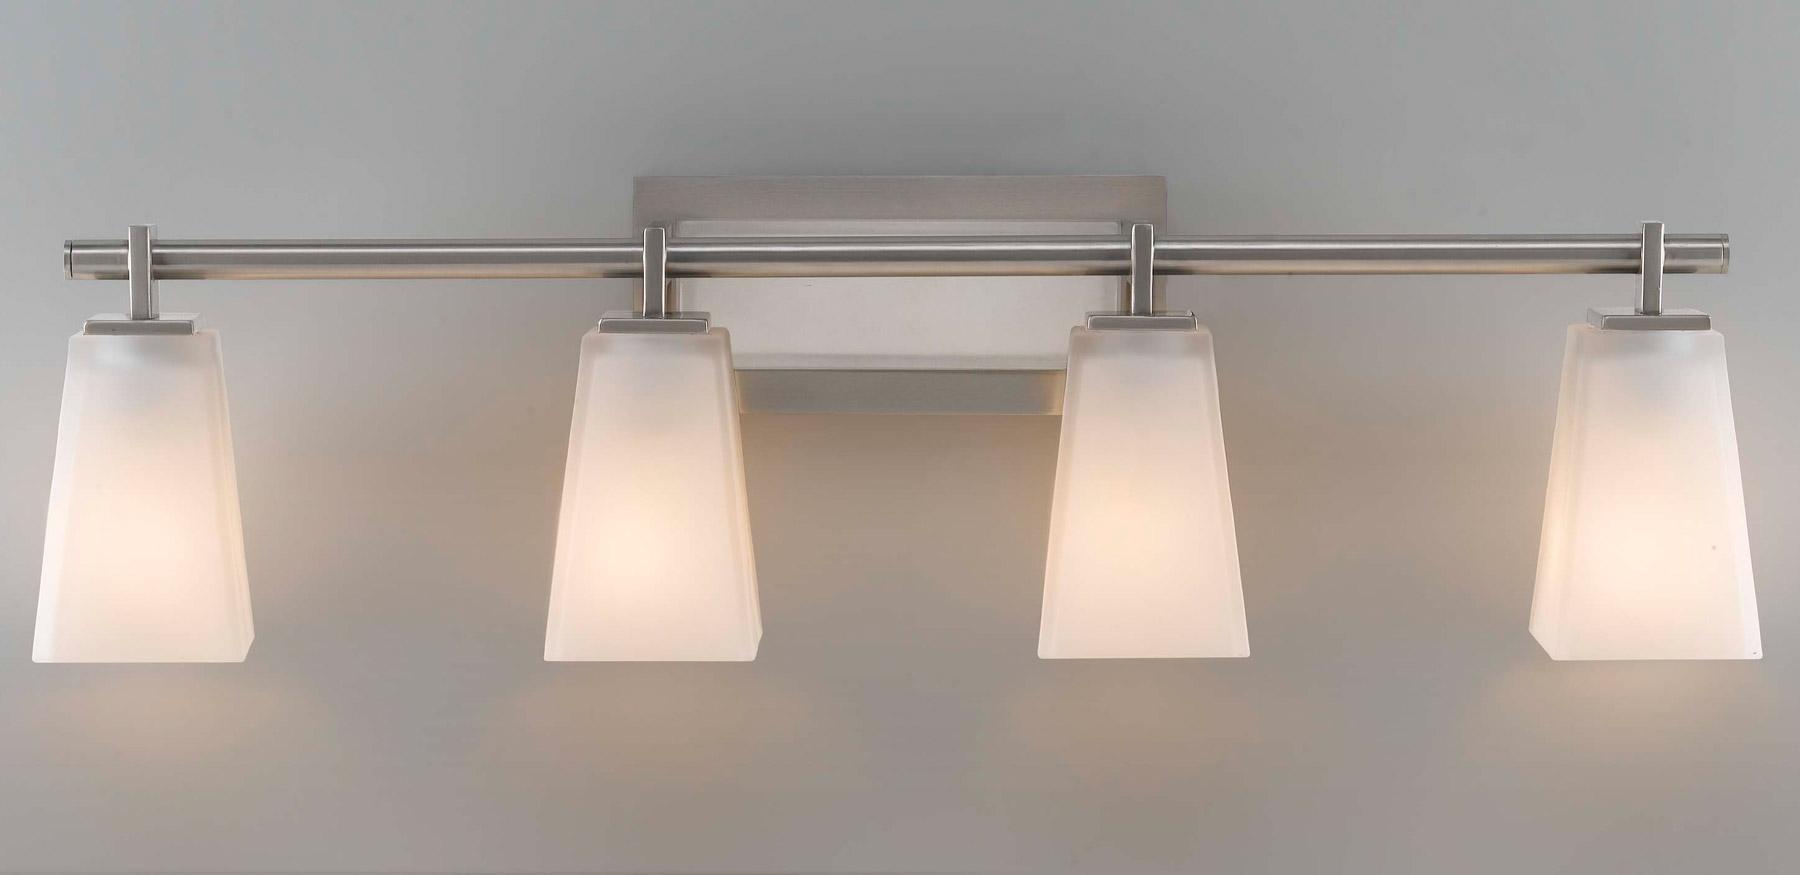 Murray Feiss Vs16604 Bs Clayton Vanity Light